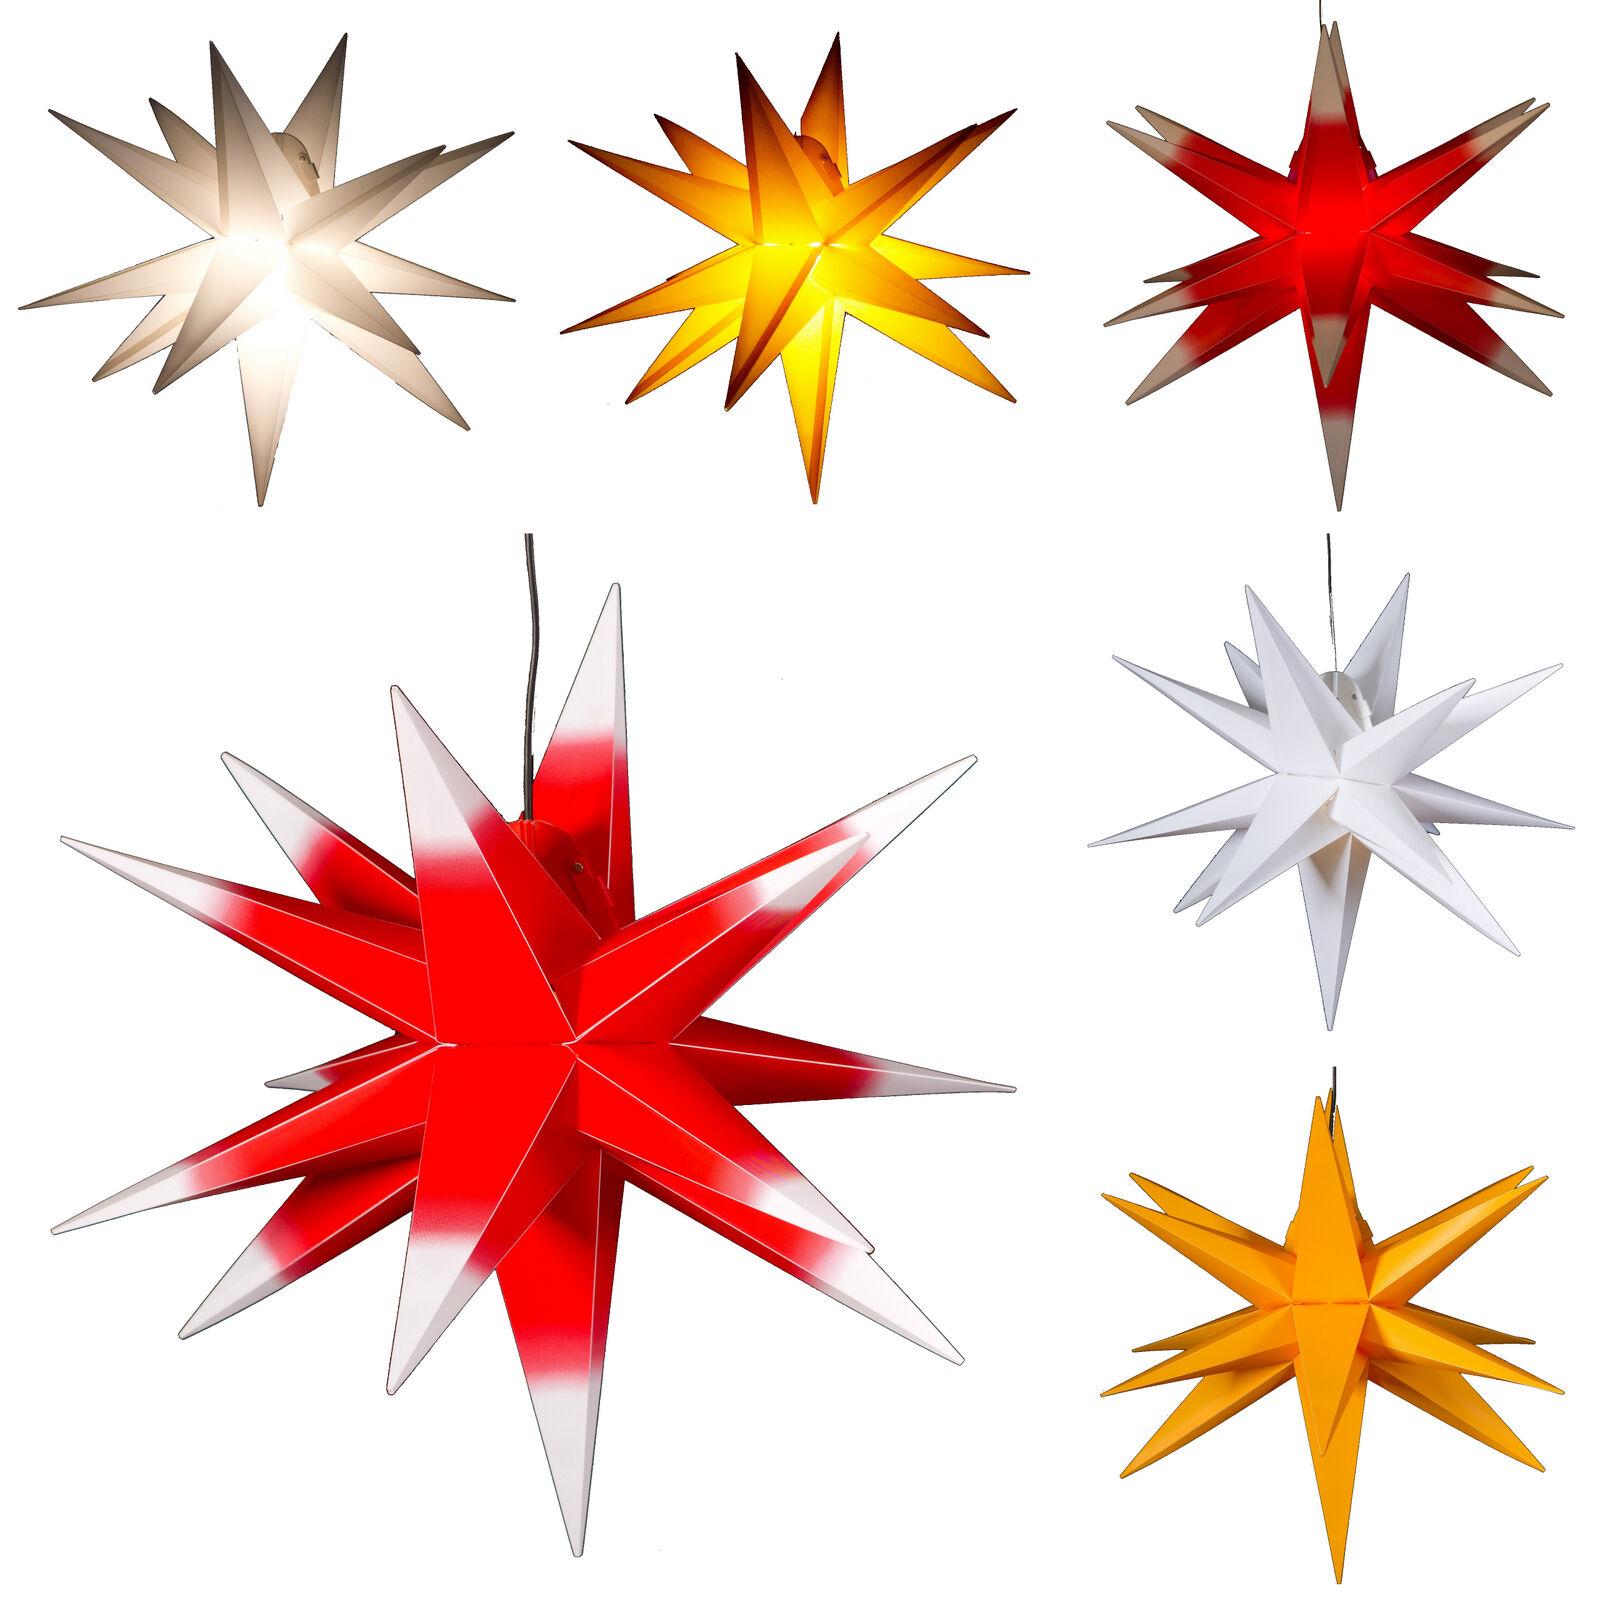 Groß ca. 65 cm  Stern  außen, Adventsstern, Weihnachtsstern, Außenstern, 3D